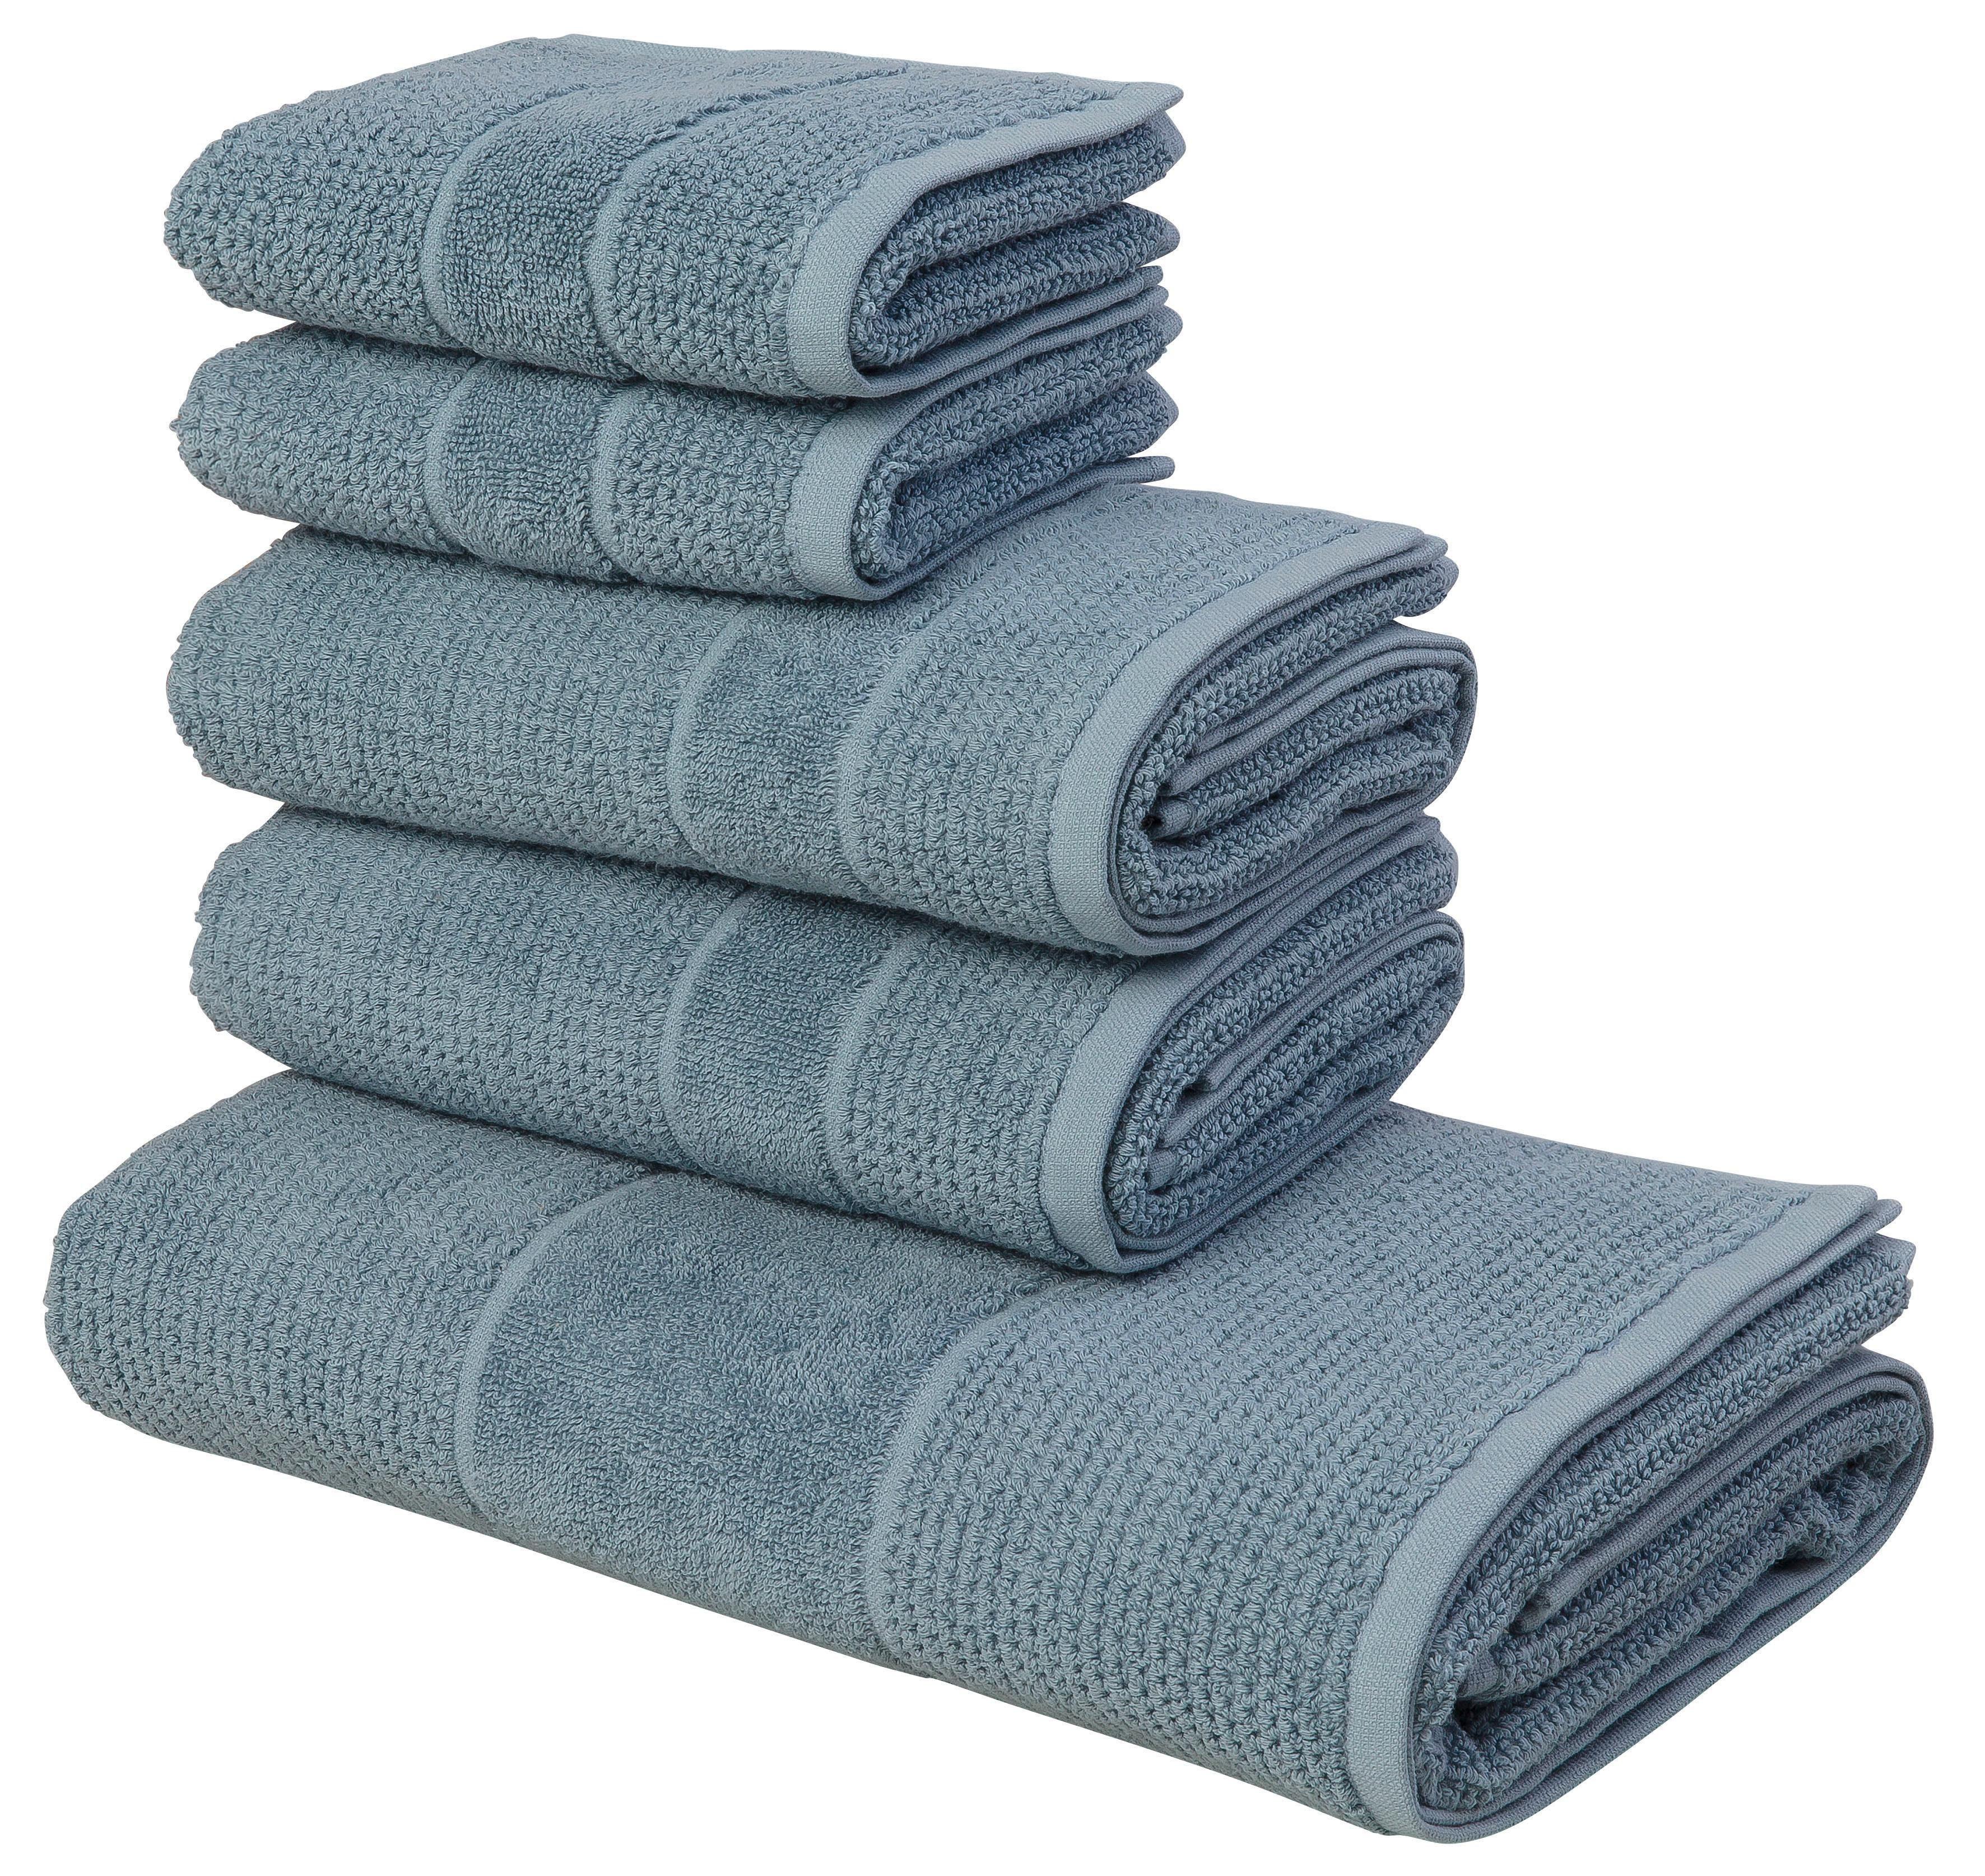 Wasch-Set 2 Handtücher 1 Duschtuch gemustert 100/% Baumwolle Frotteetuch 3 tlg.